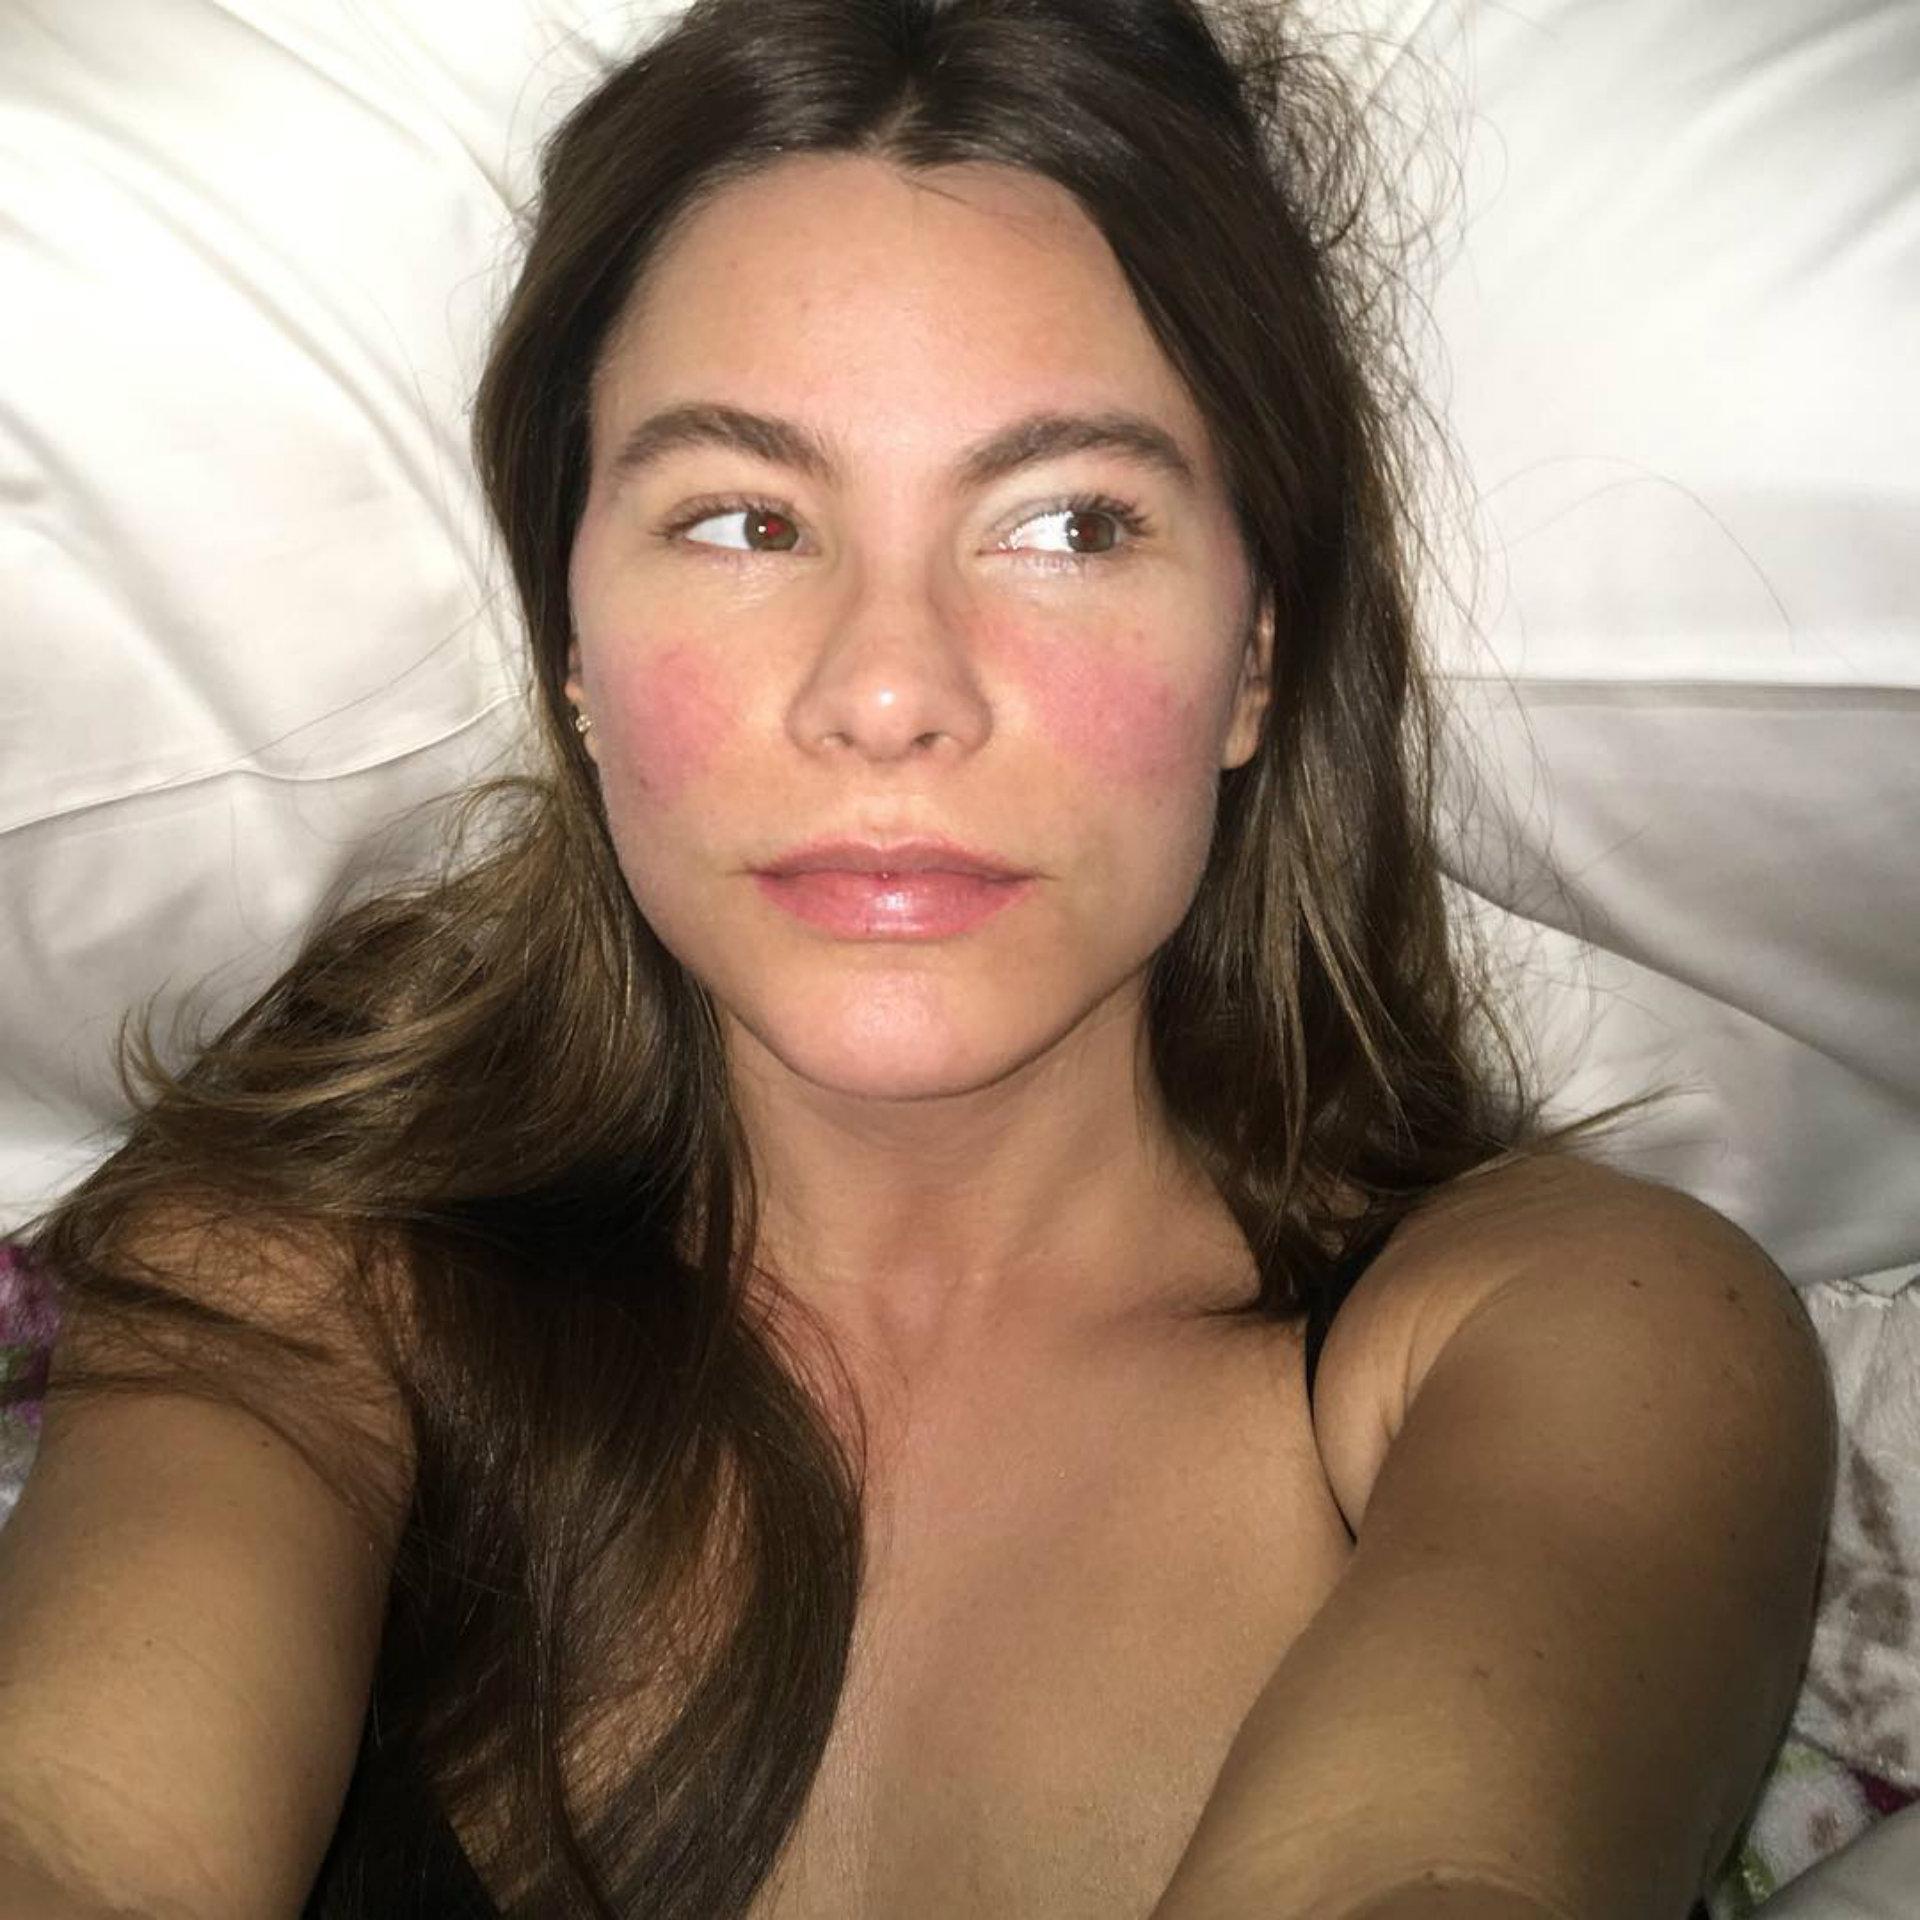 Sofía Vergara se mostró así en medio de una fuerte gripe (Instagram)